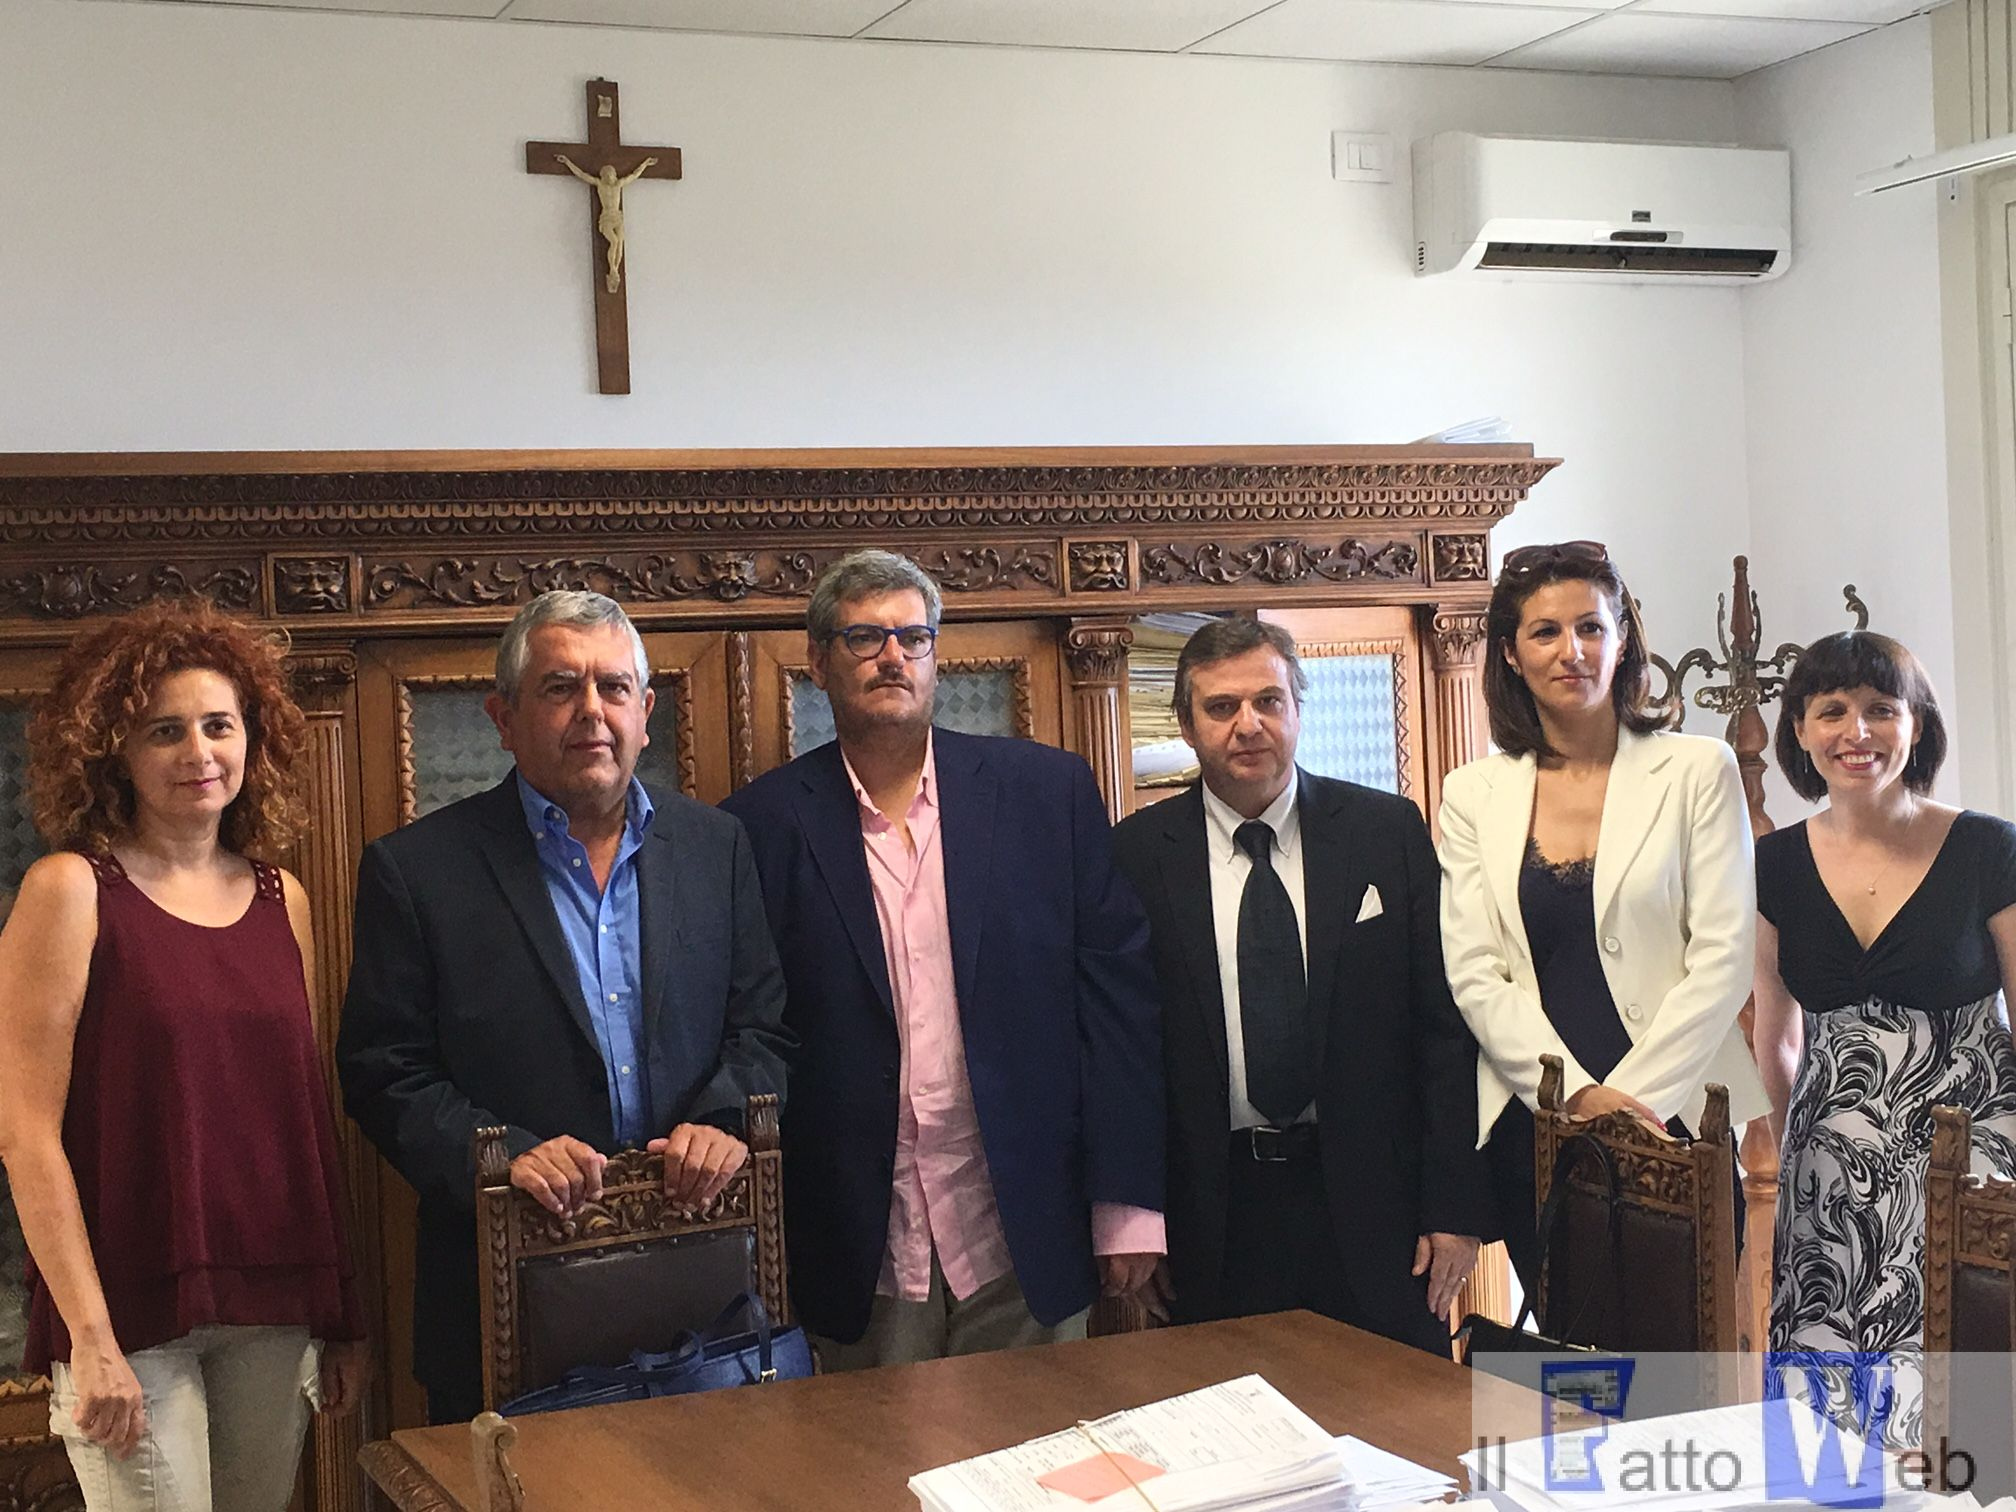 Firmata la convenzione tra ispettorato del lavoro e associazione Agosta che  gestirà uno sportello antiracket